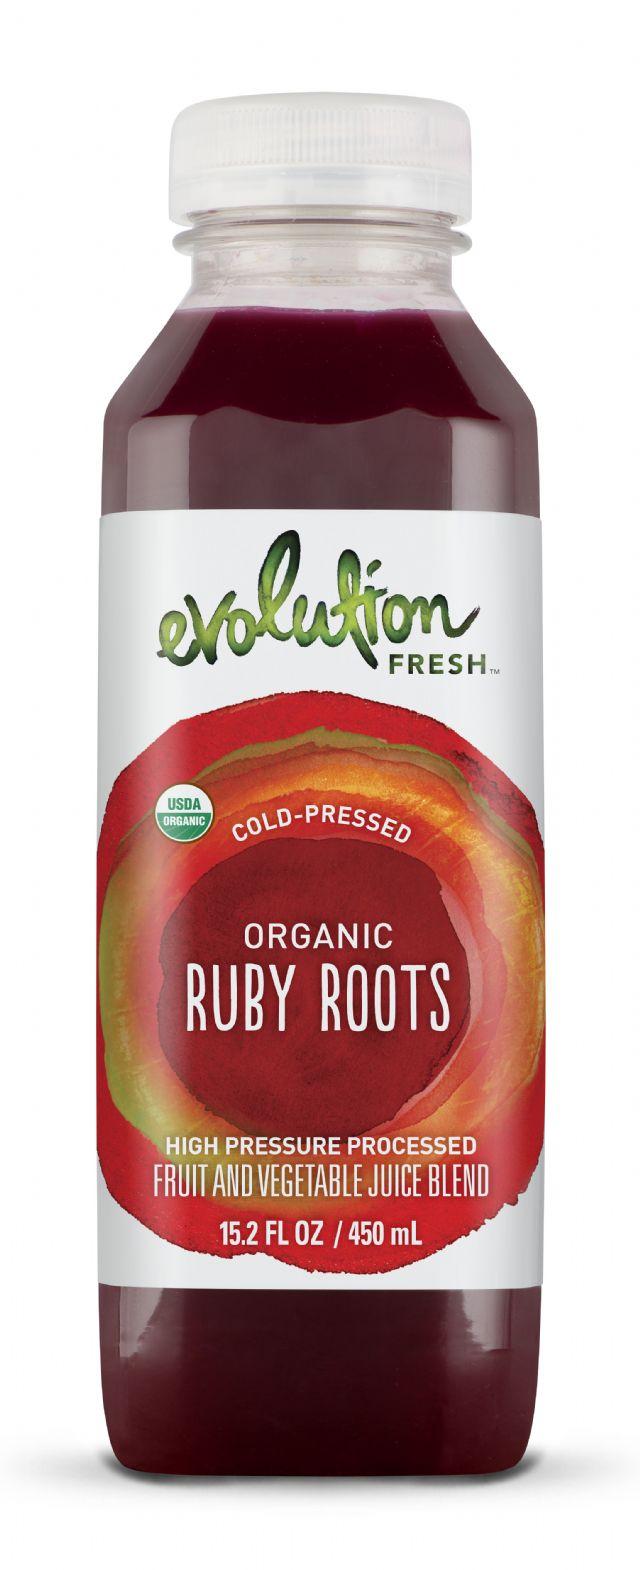 Evolution Fresh: OrganicRubyRoots copy